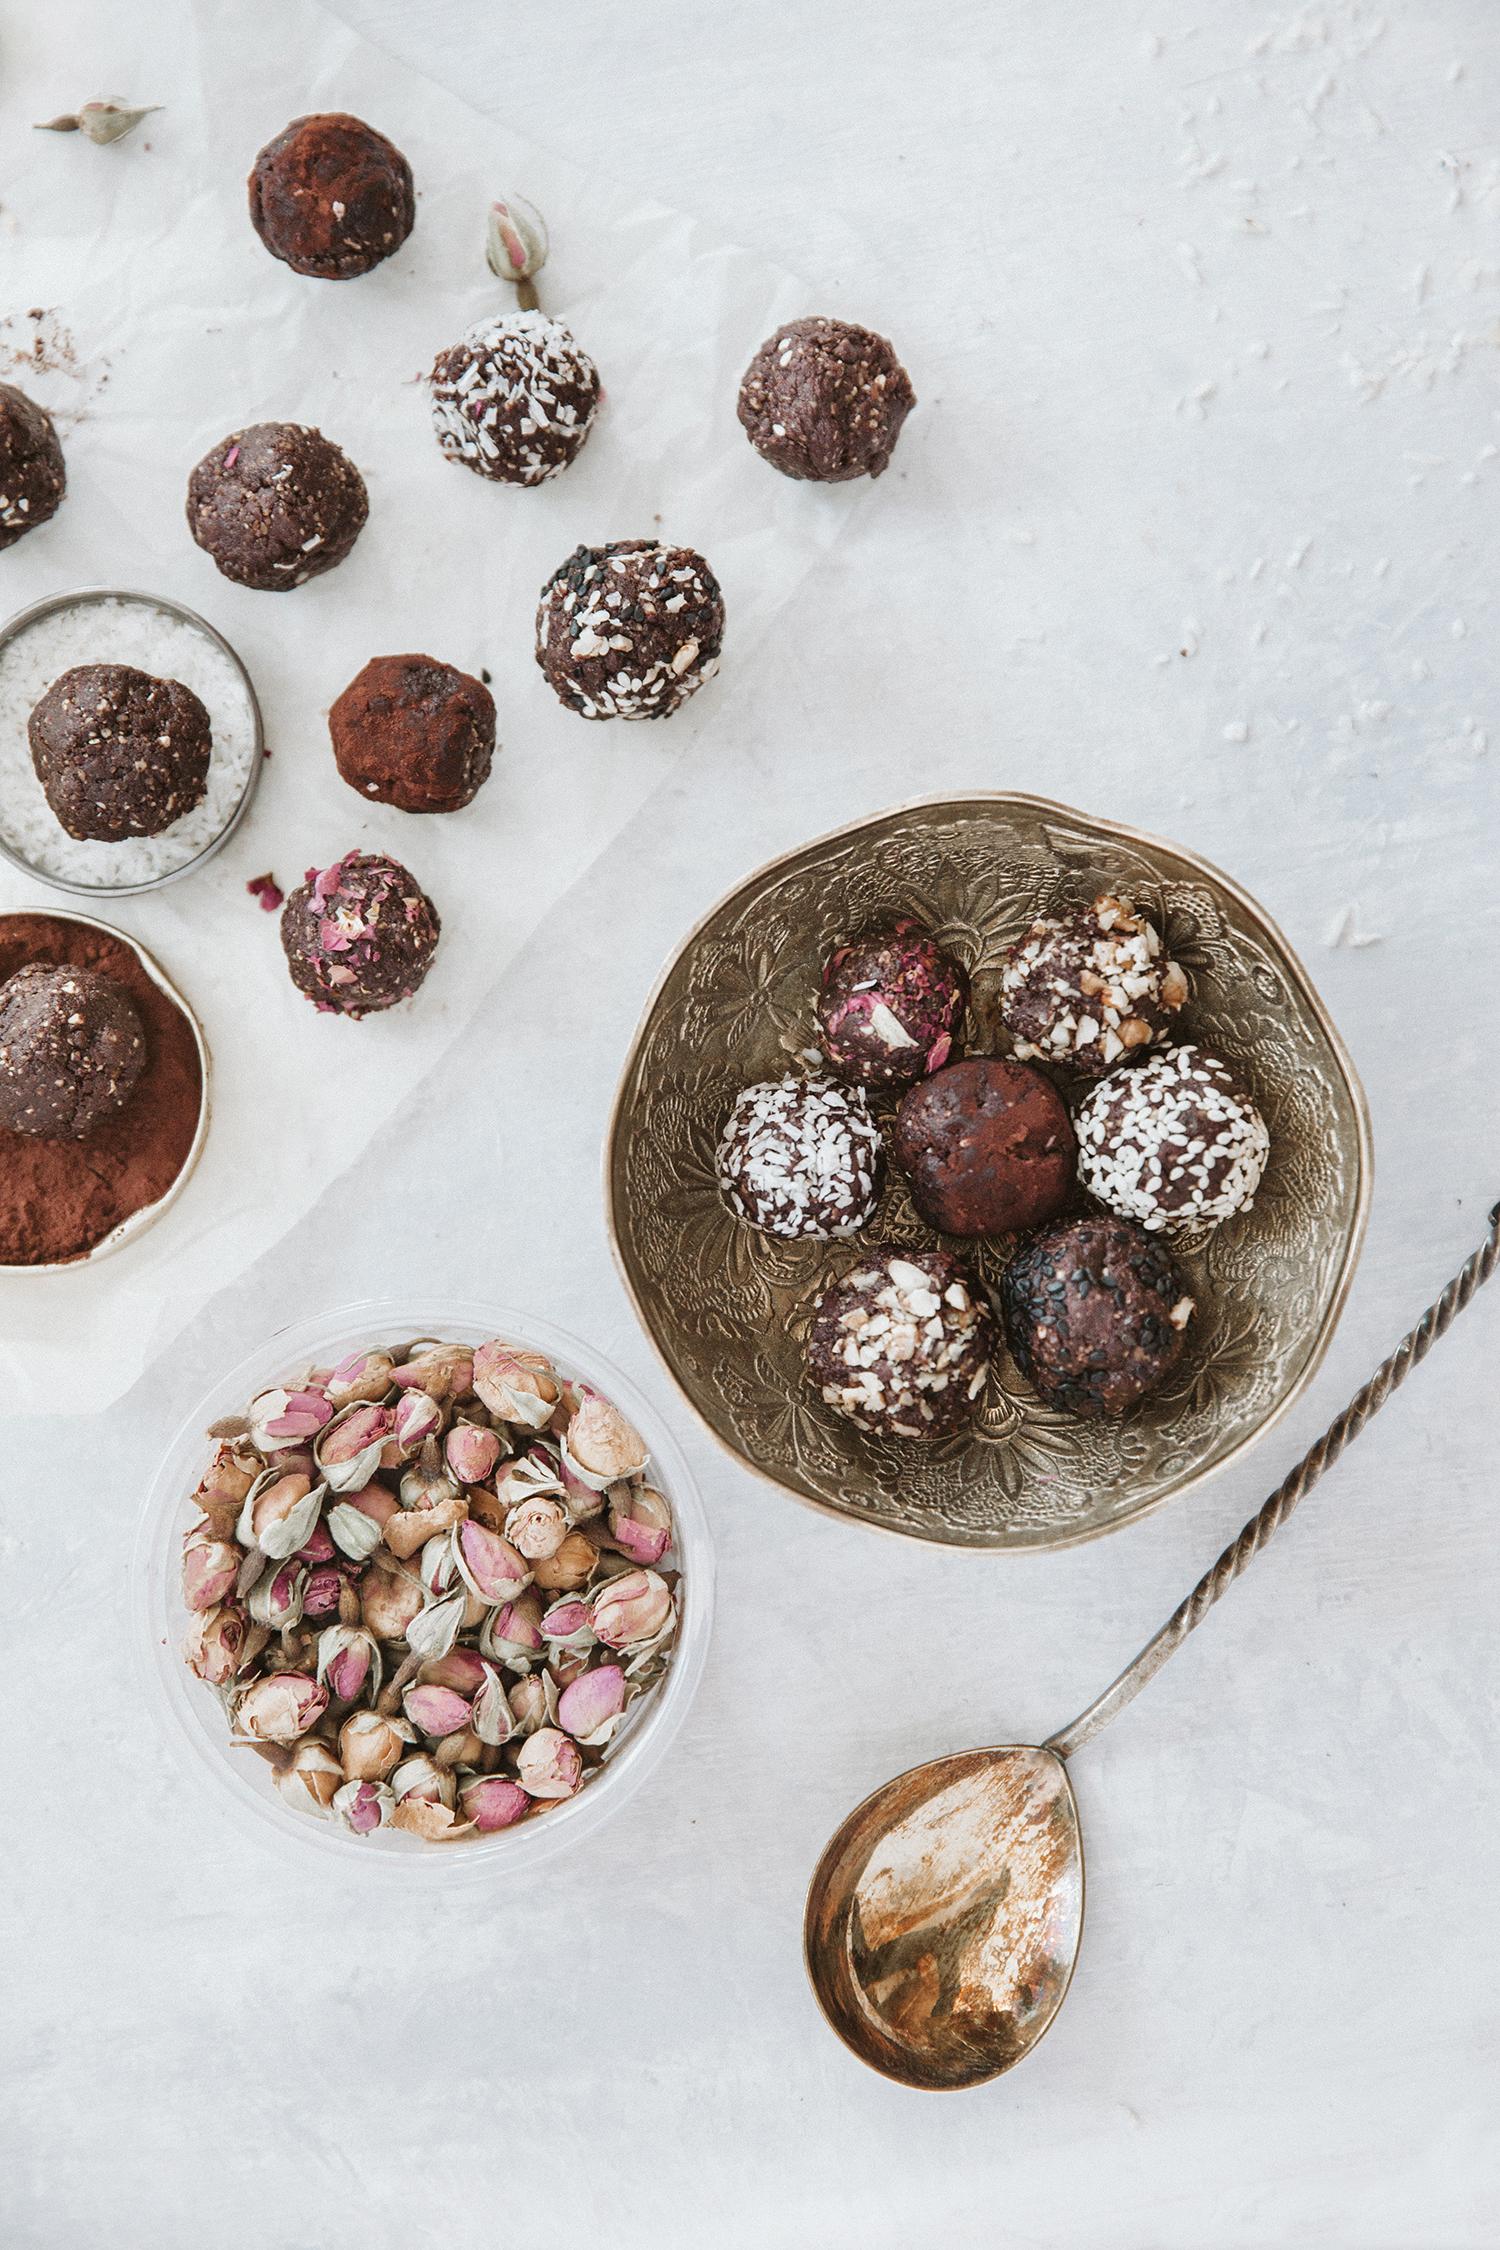 Chocolate energy bites - Šokoladiniai energijos kąsneliai